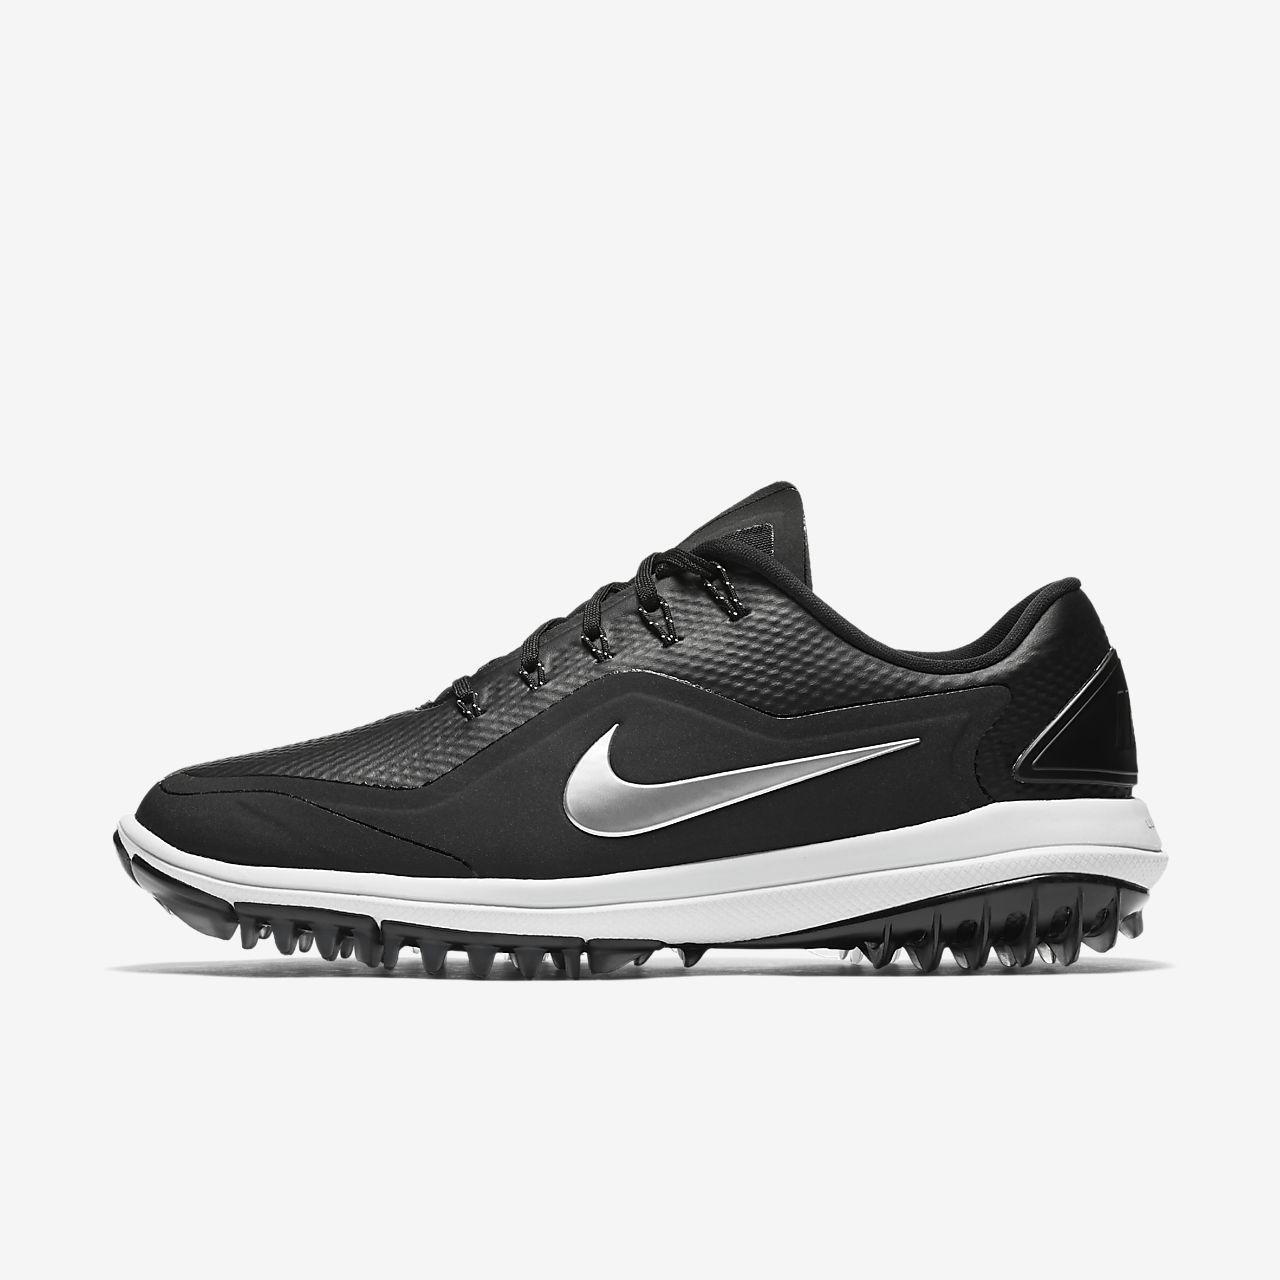 Nike Lunar Control Vapor 2 Golfschoen voor dames